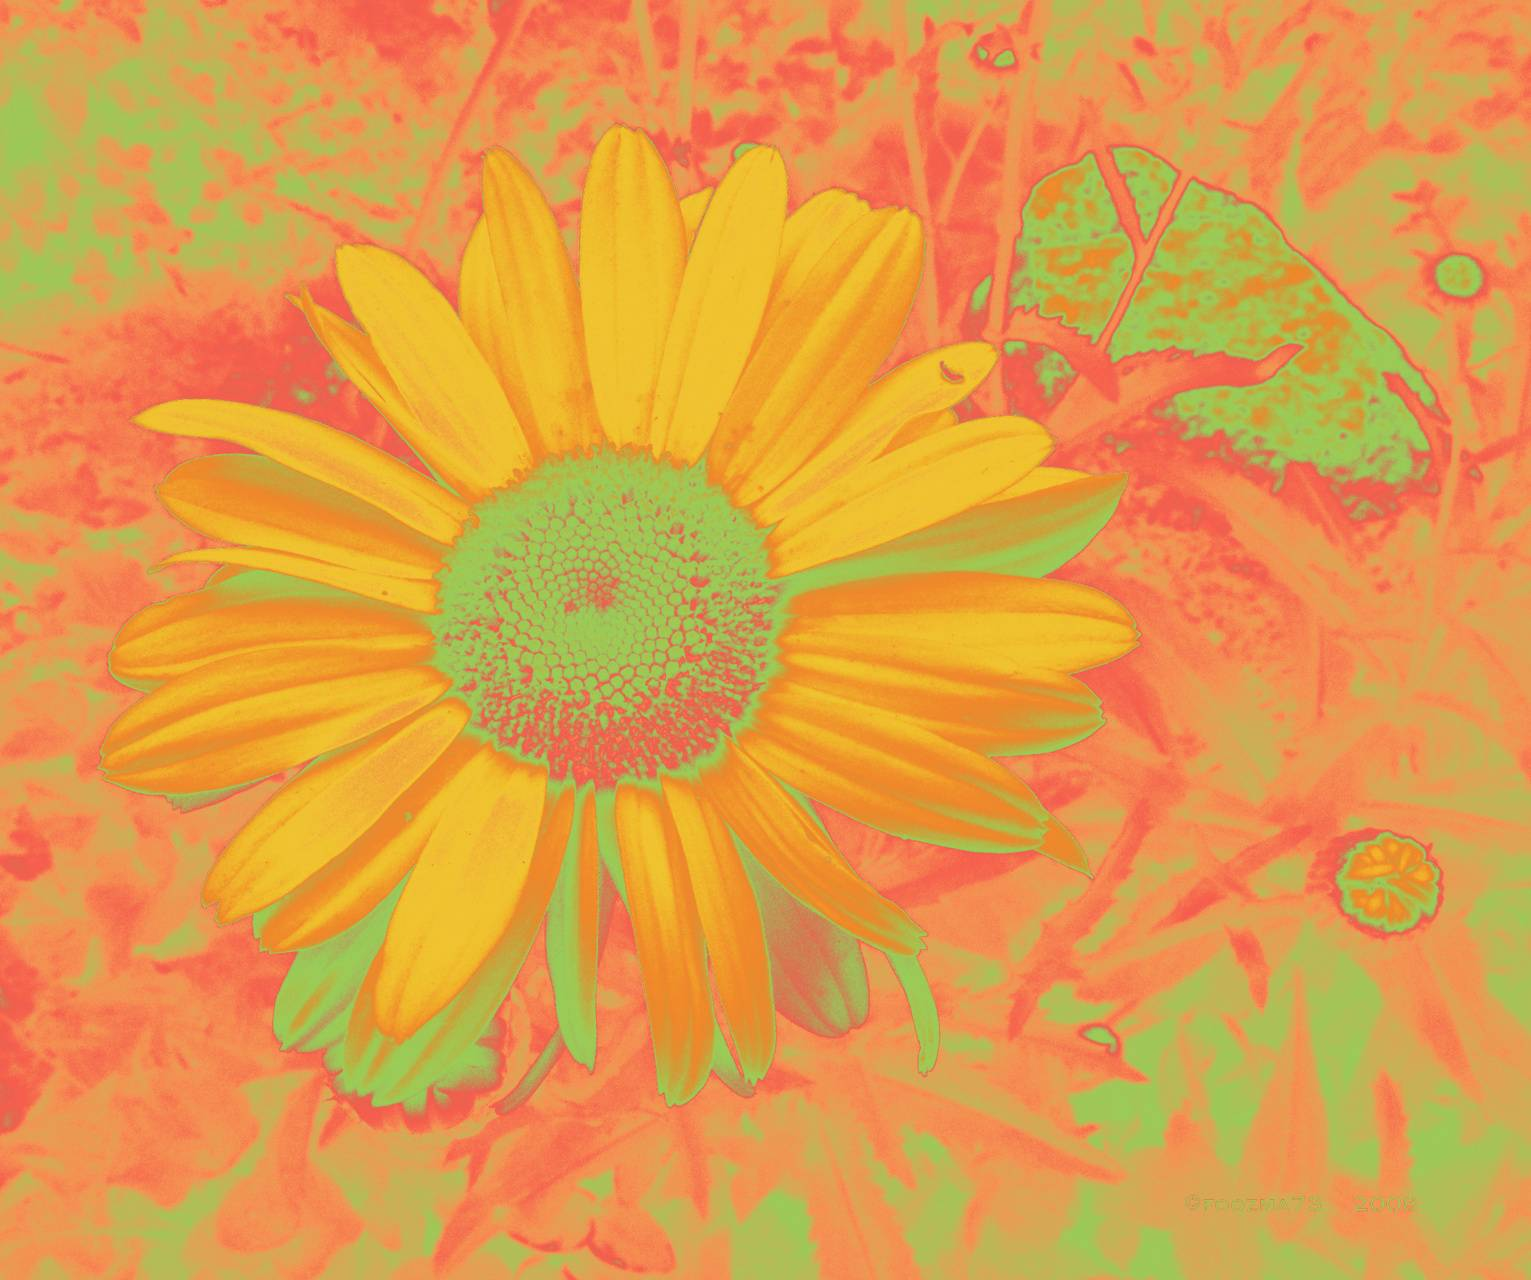 citrus daisy